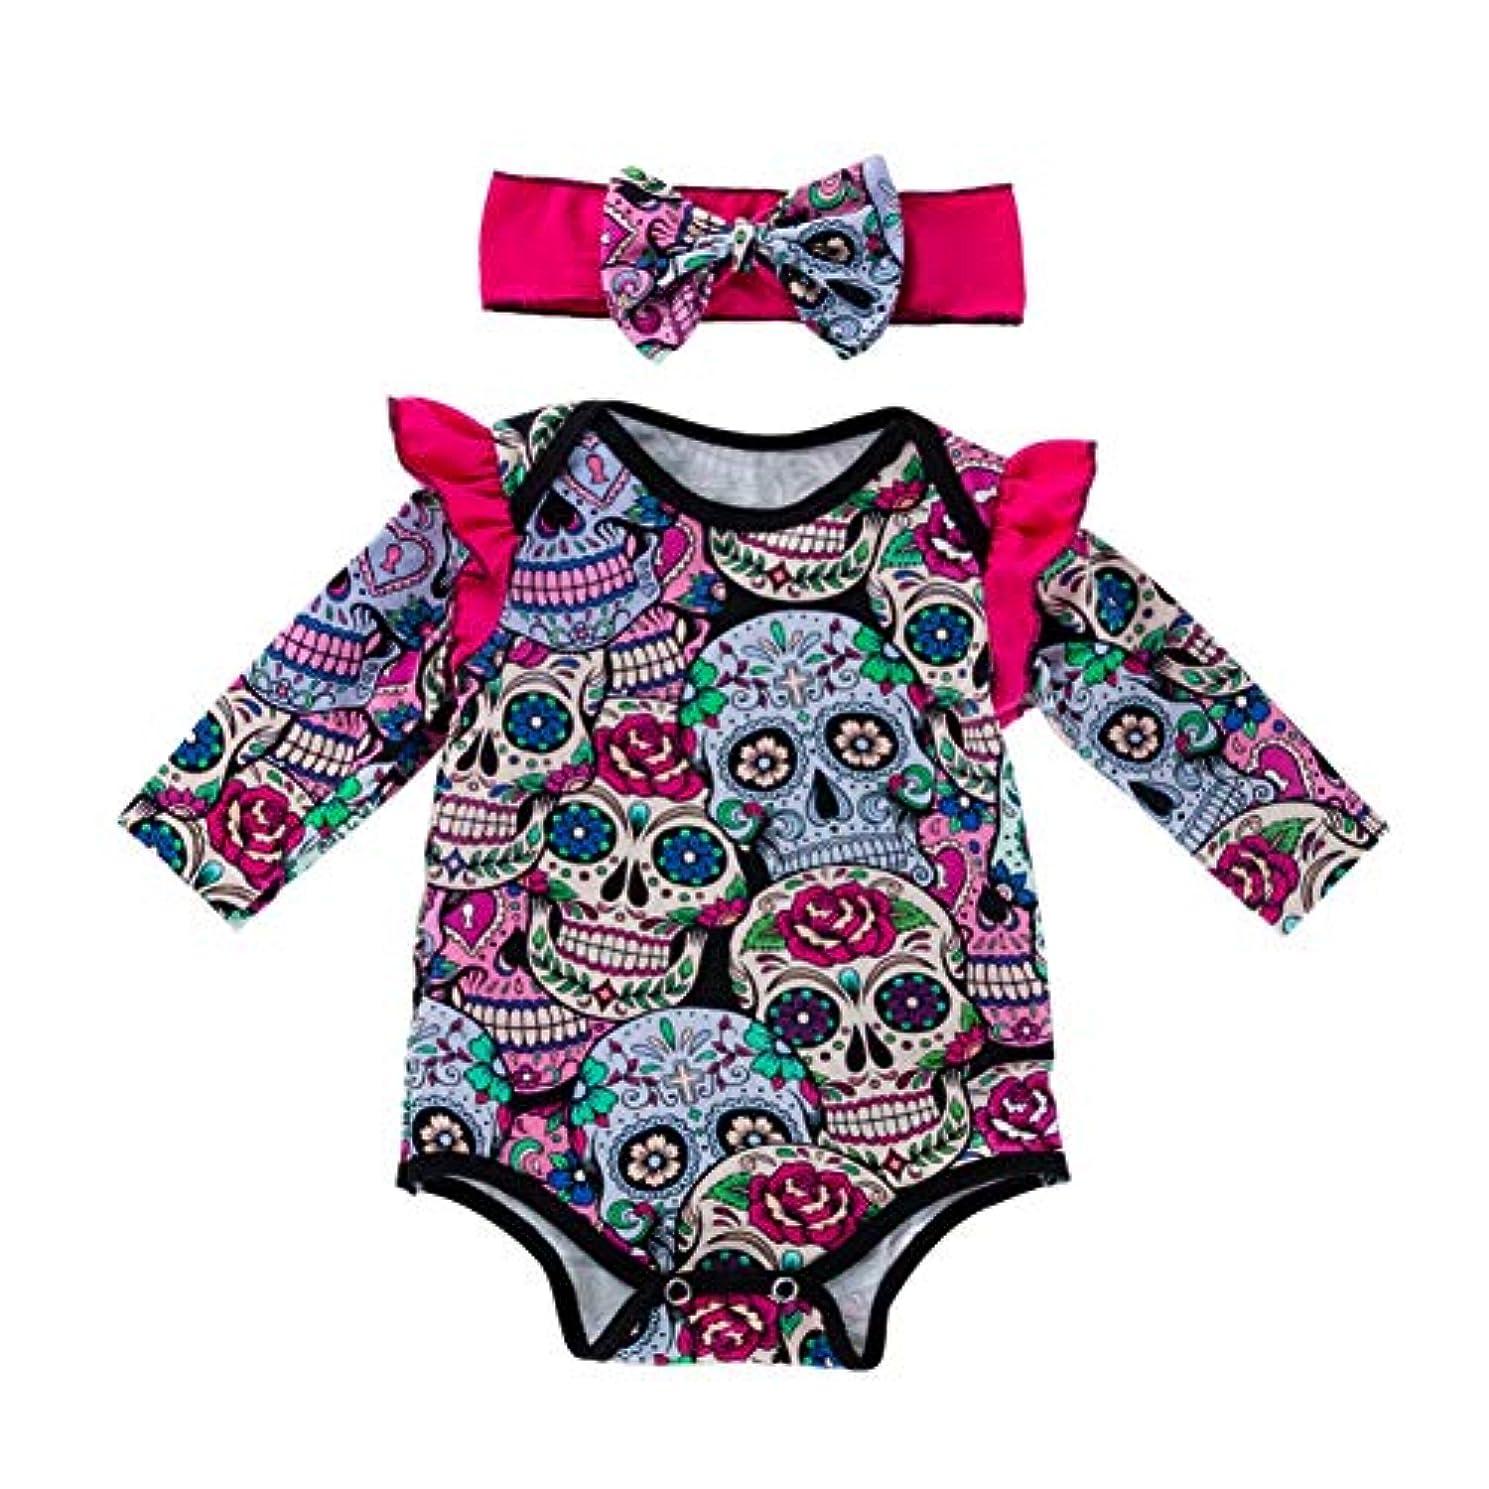 ジャンピングジャック知っているに立ち寄る論争的Rad子供 新しいスタイルのファッションの女の赤ちゃんのハロウィンスカルプリントロングスリーブロンパースカチューシャ2個セット